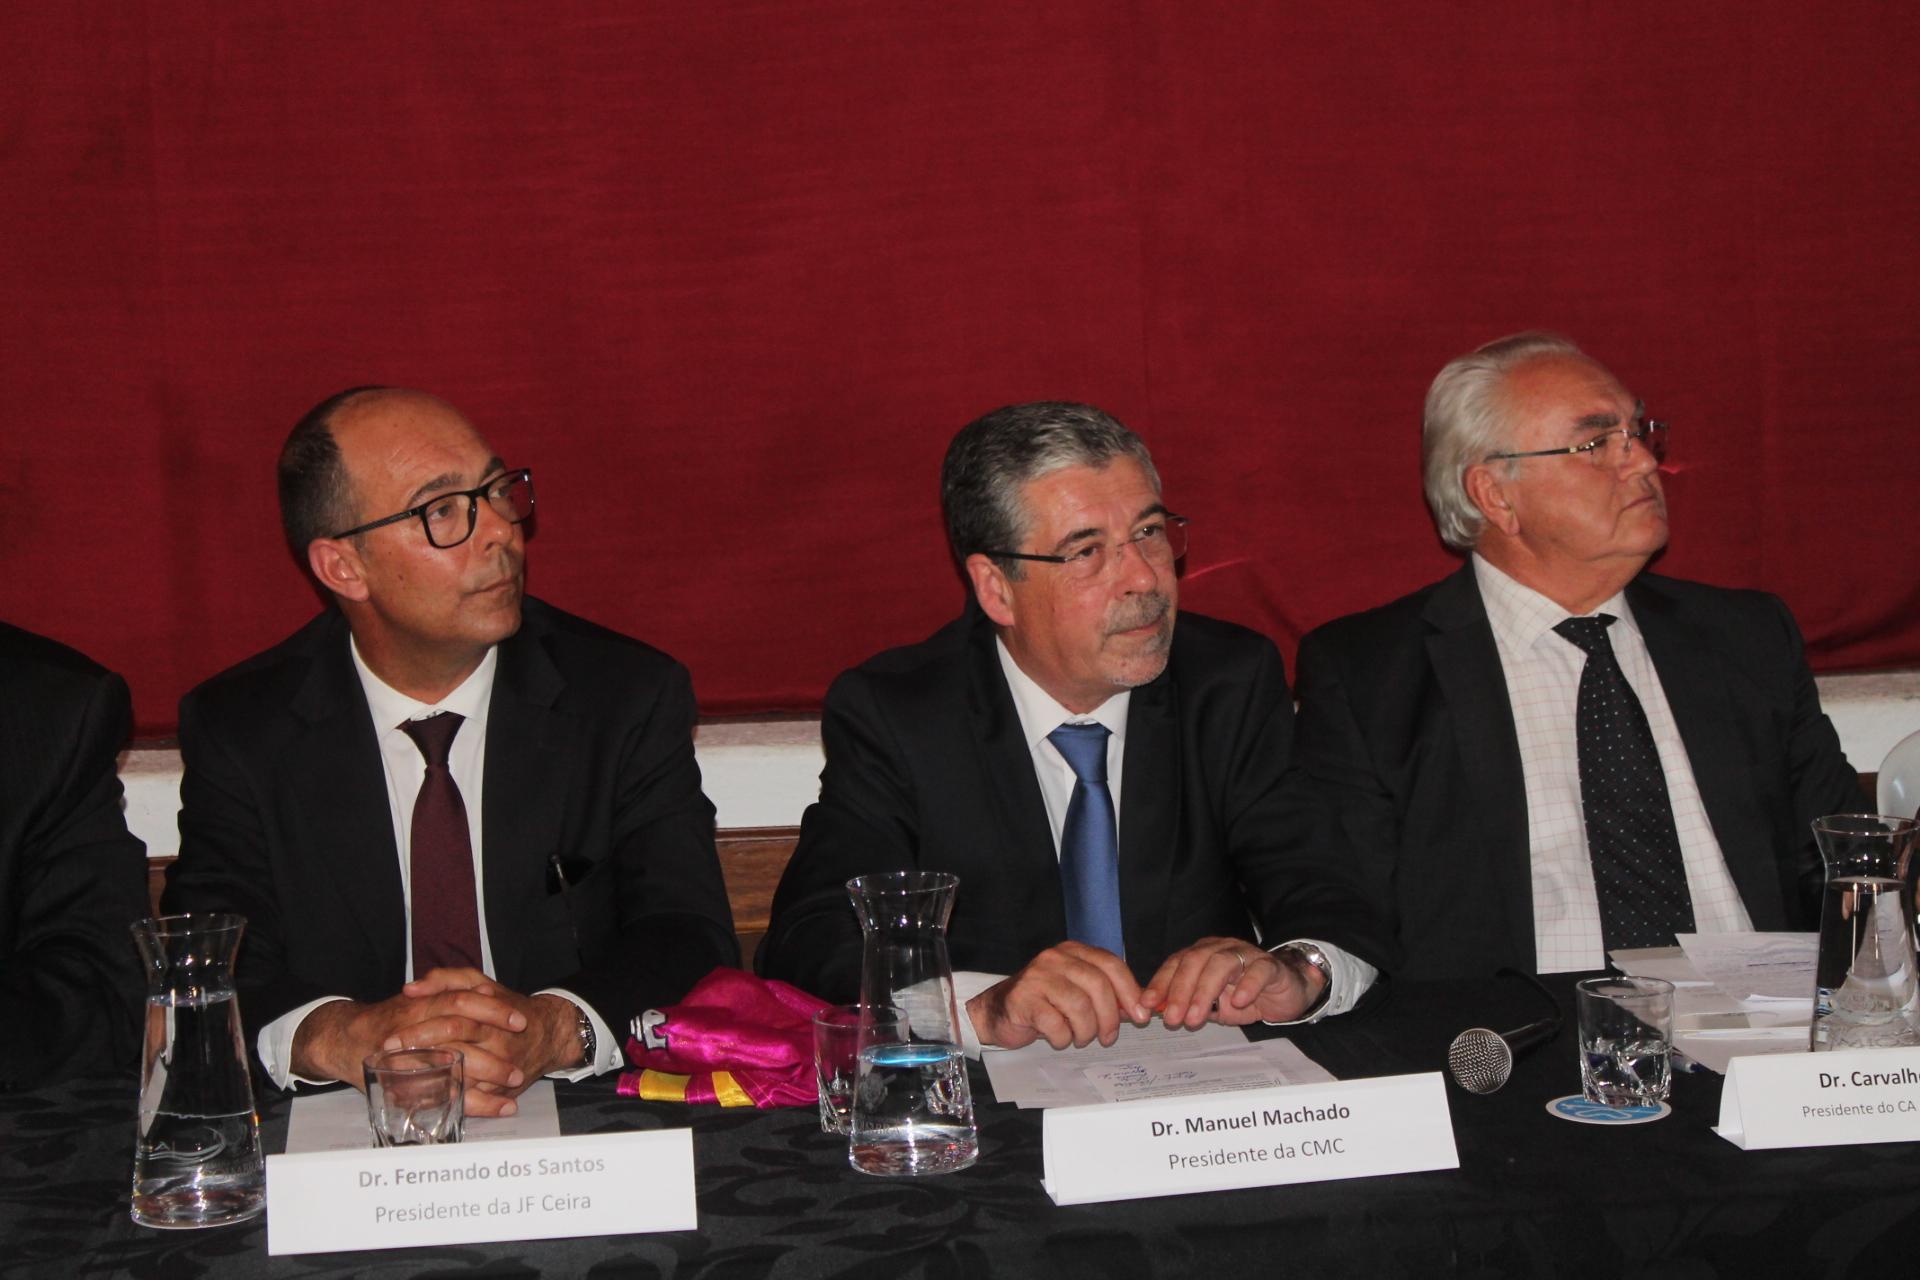 Fernando Cardoso - Presidente da Junta d Fregeusia de Ceira, Manuel Machado - Presindete da Câmara e Carvalho Santos - Presidente da AC